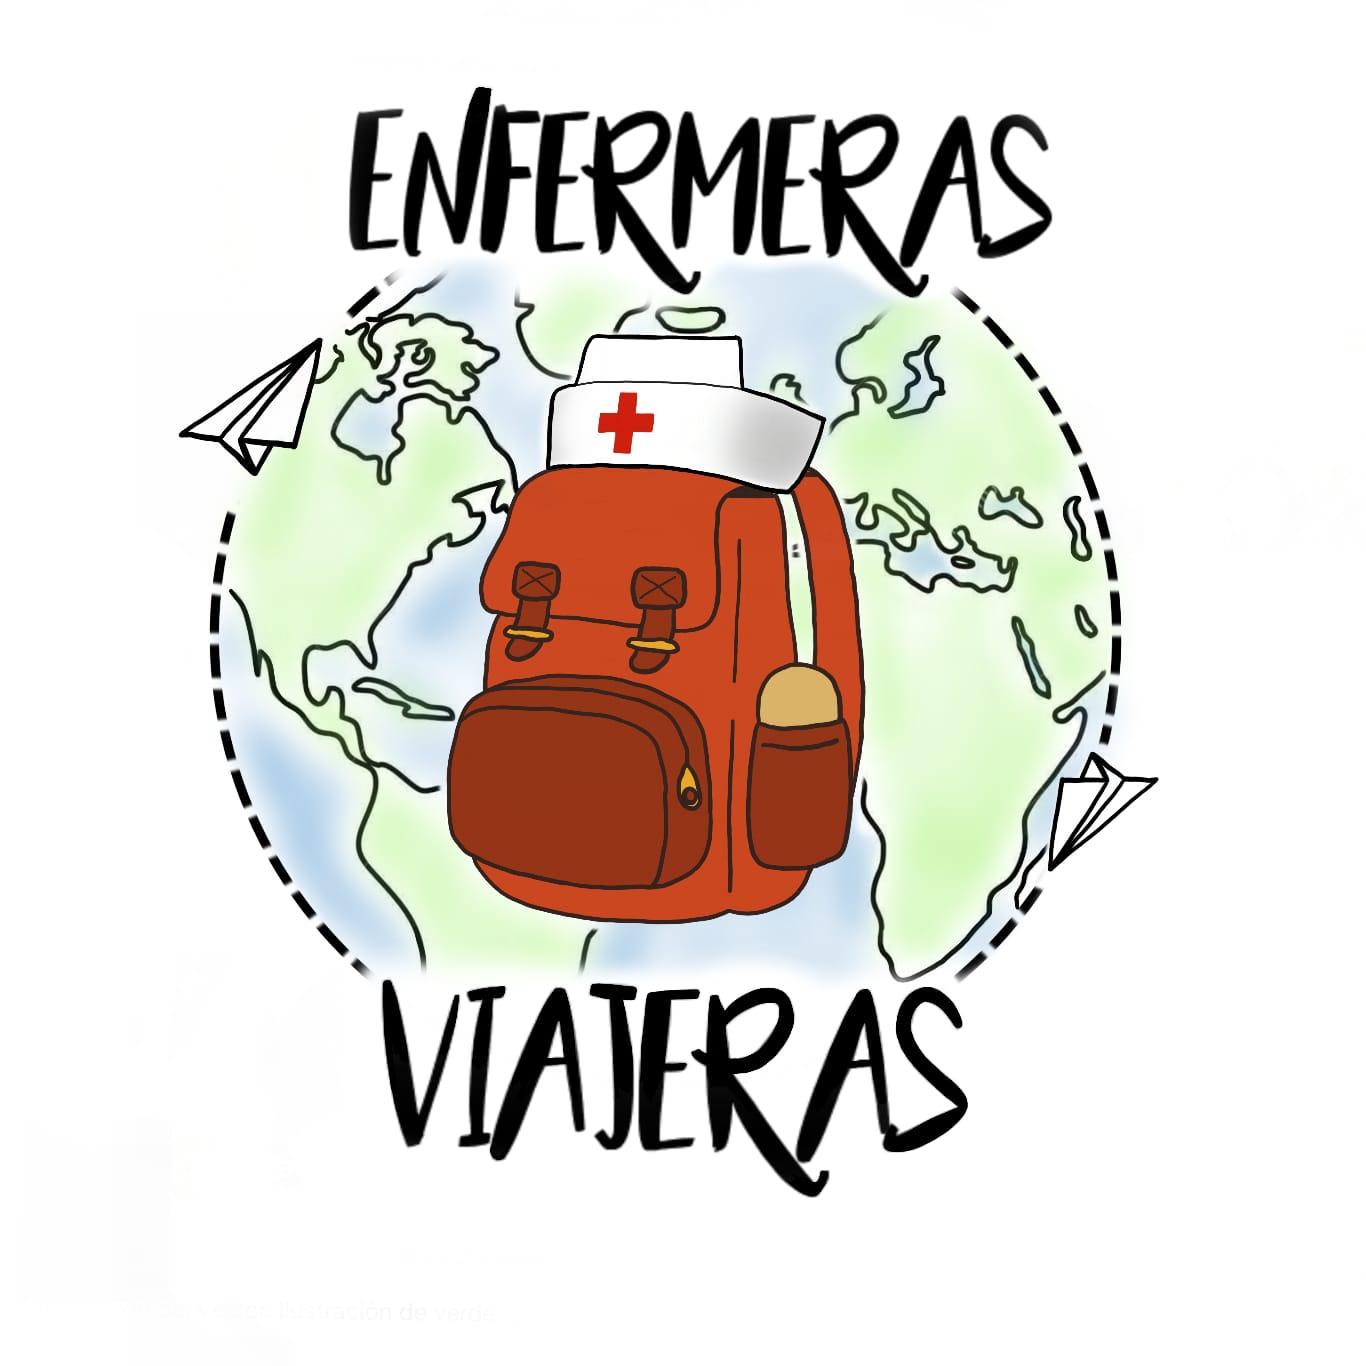 Enfermeras viajeras